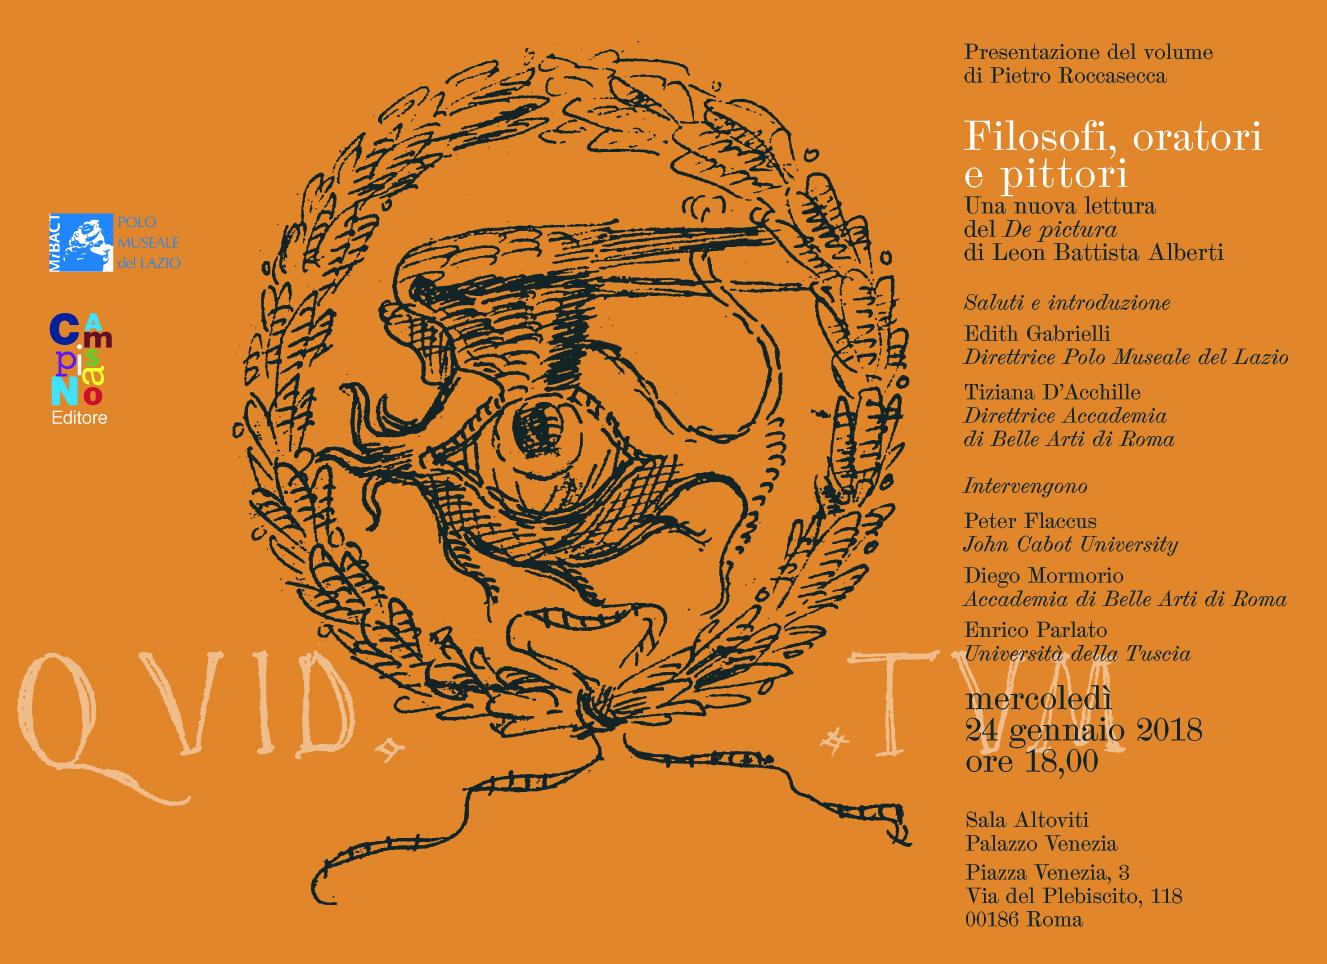 Filosofi, oratori e pittori. Una nuova lettura del De pictura di Leon Battista Alberti